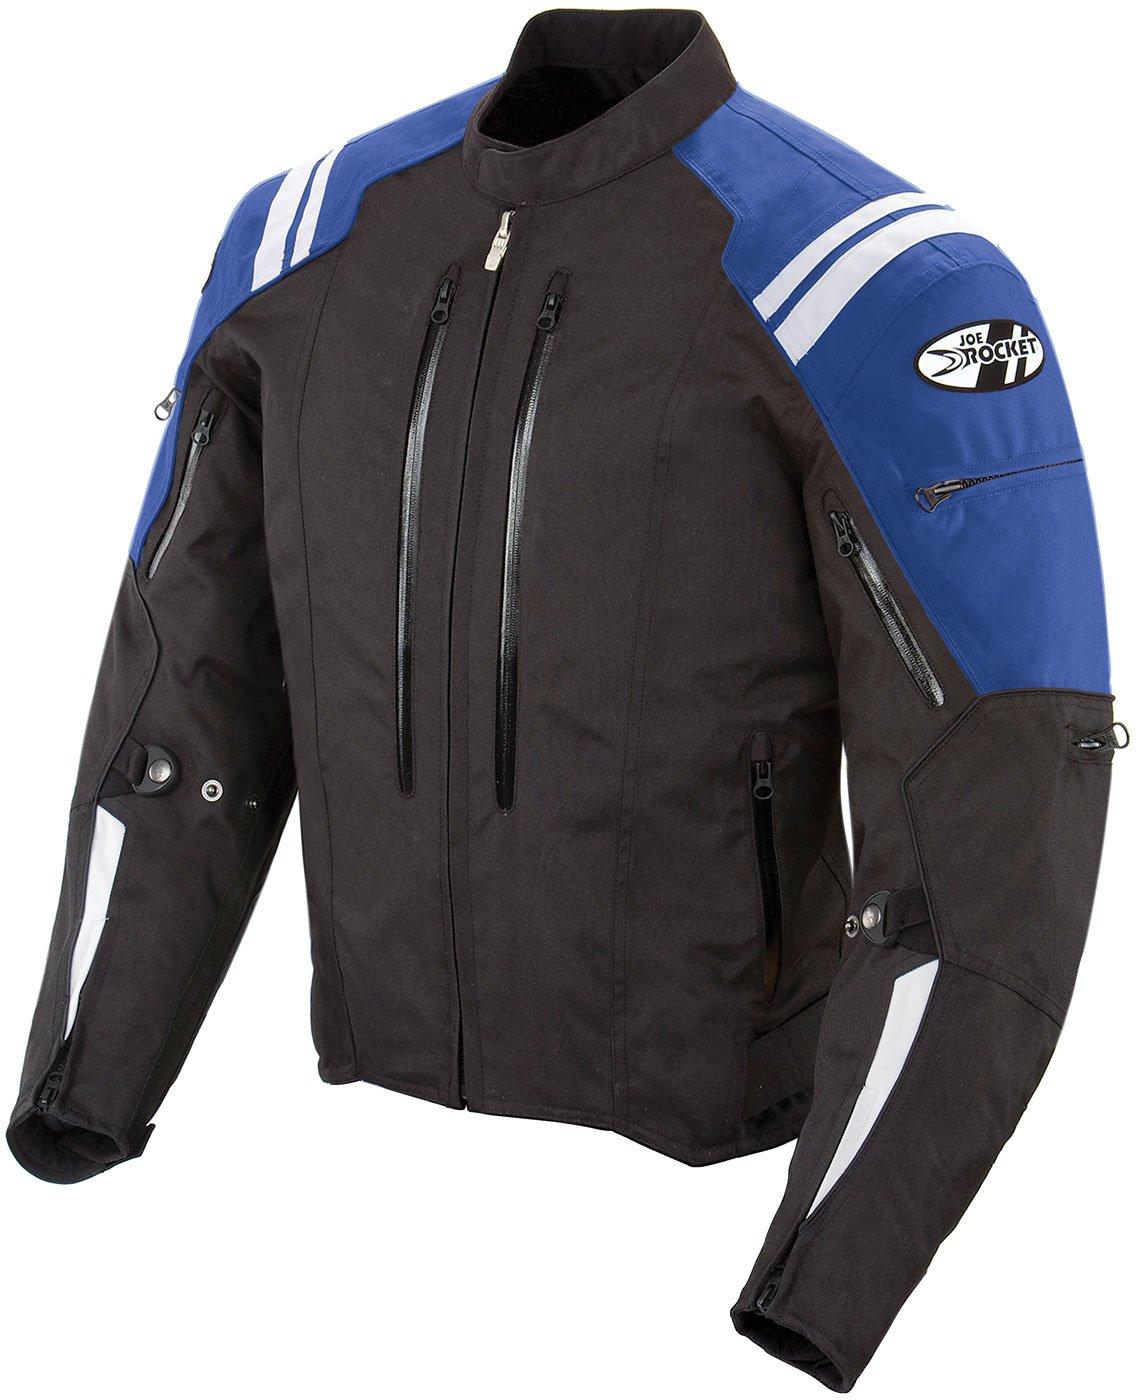 Joe Rocket 1051-5603 Atomic 4.0 Men's Riding Jacket (Neon Yellow, Medium)